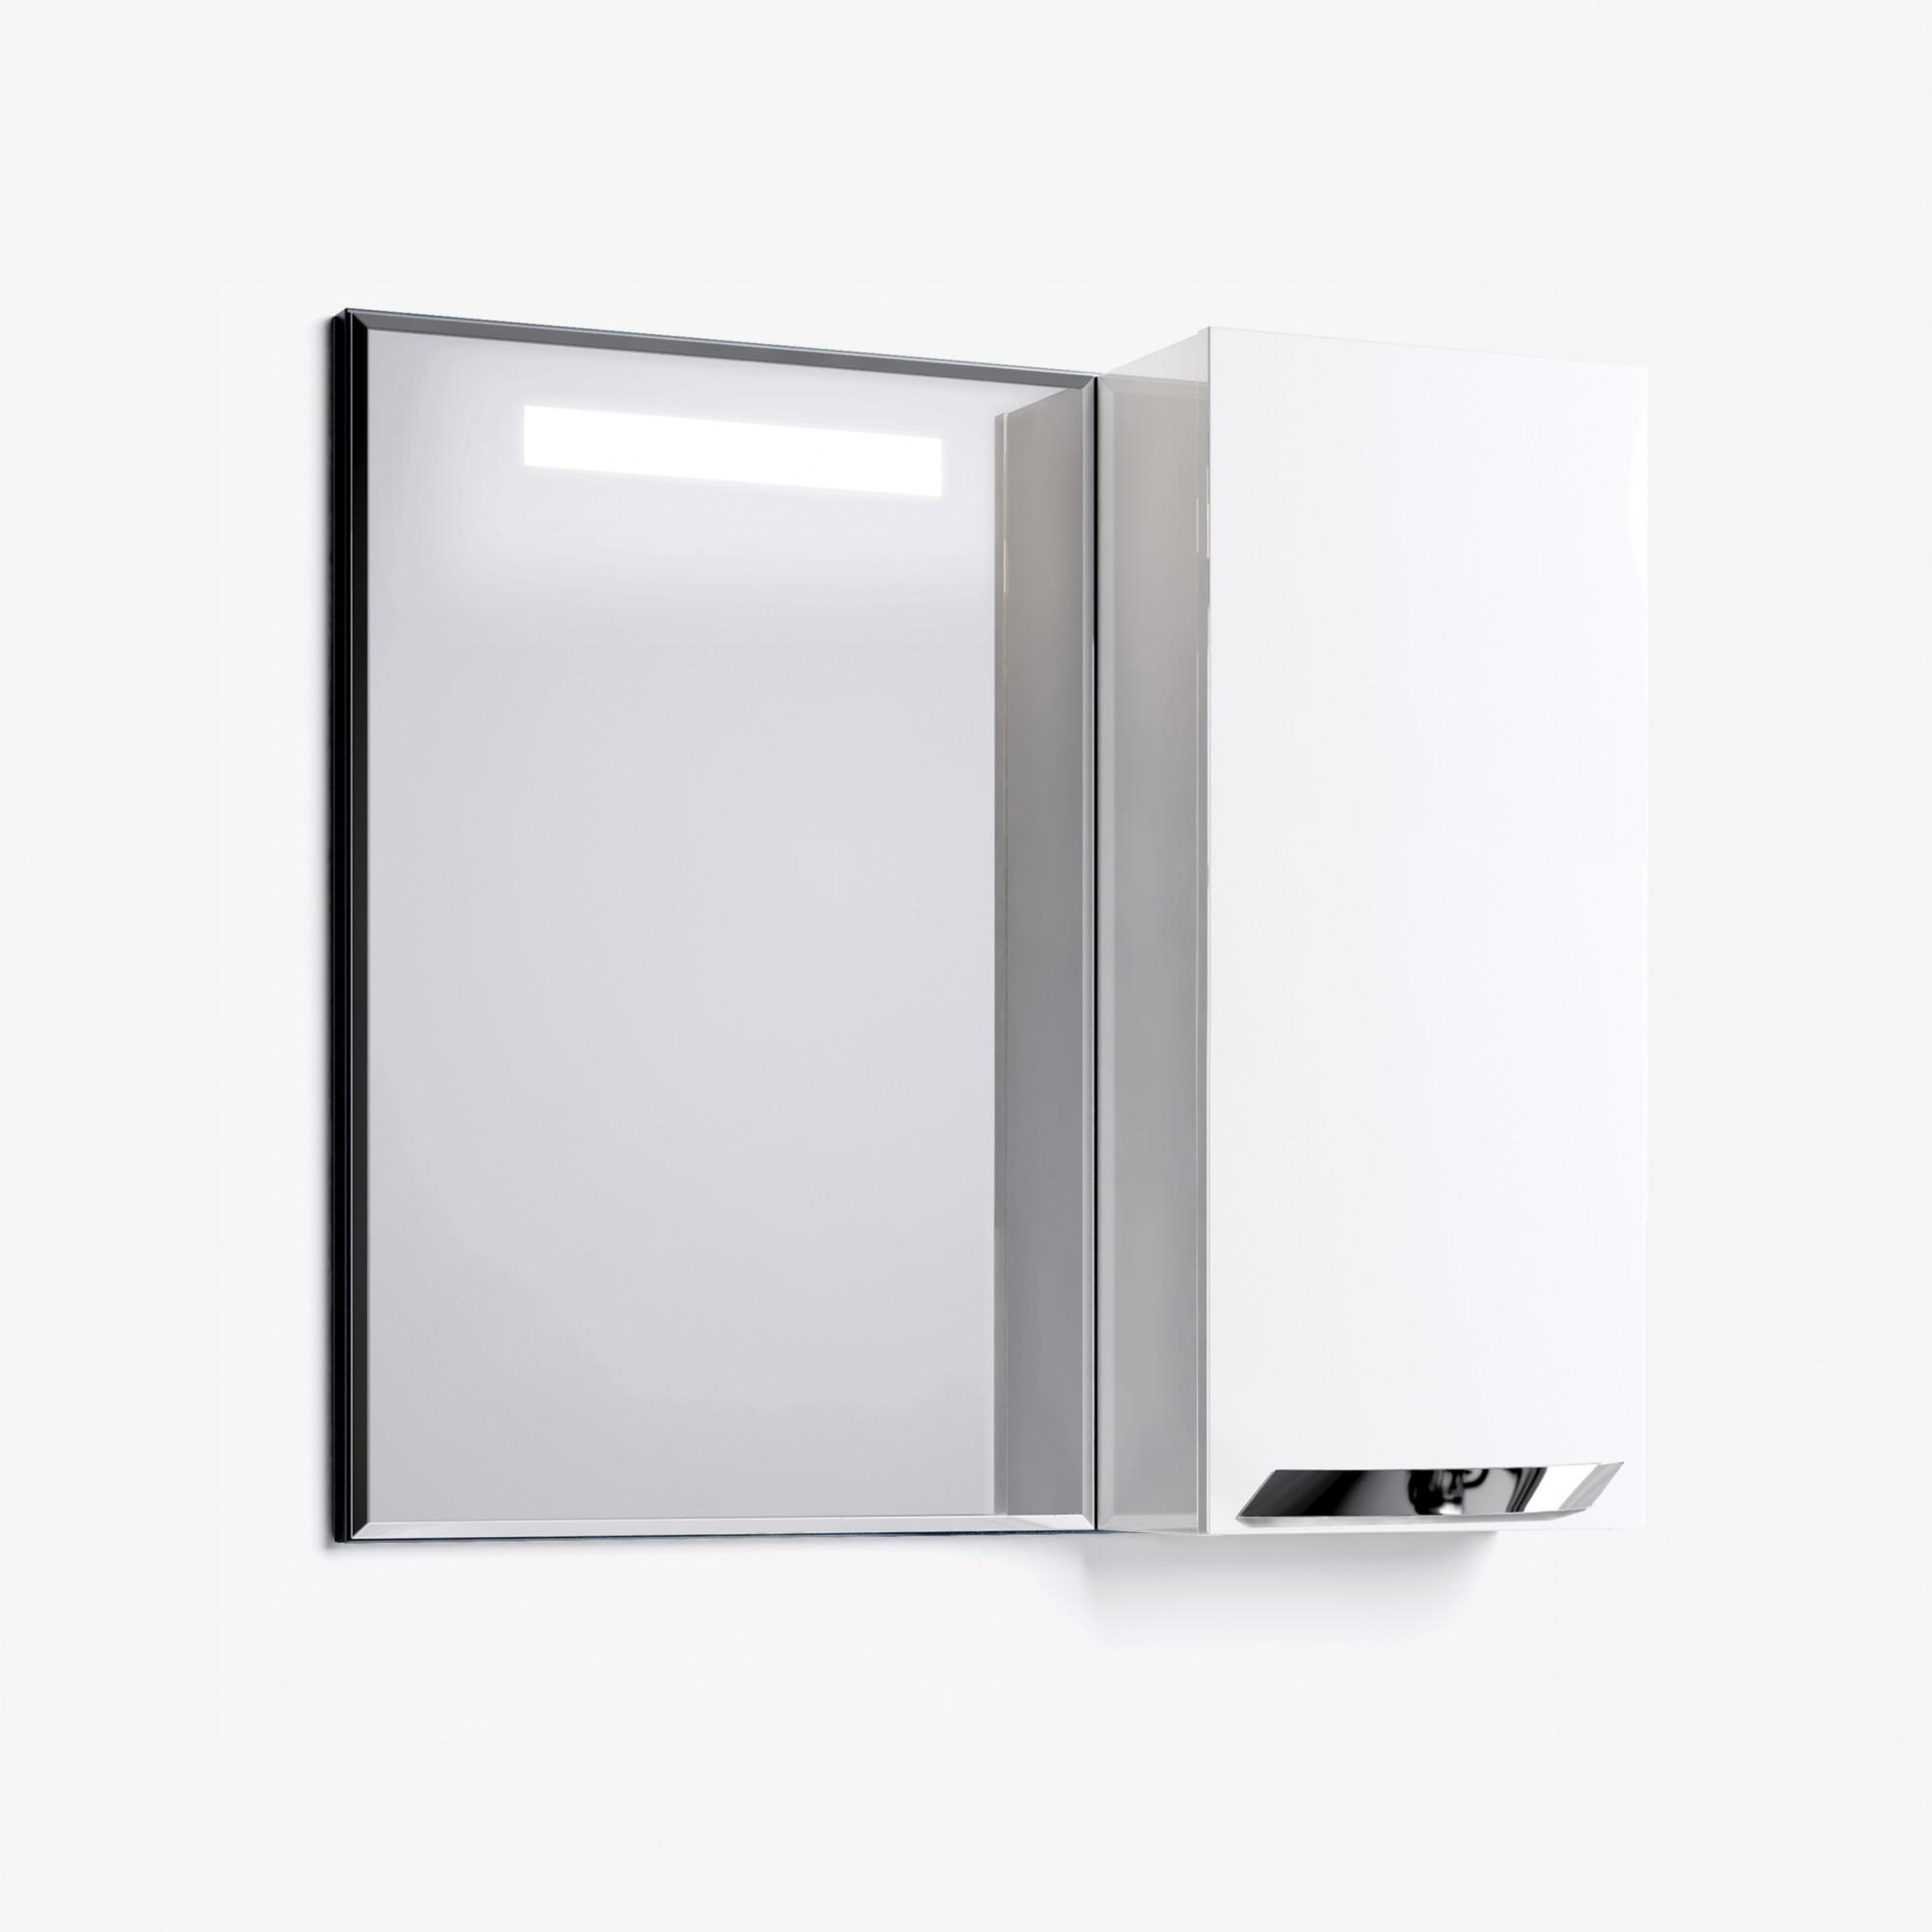 Зеркало-шкаф Elsa 85 +9 550 руб.